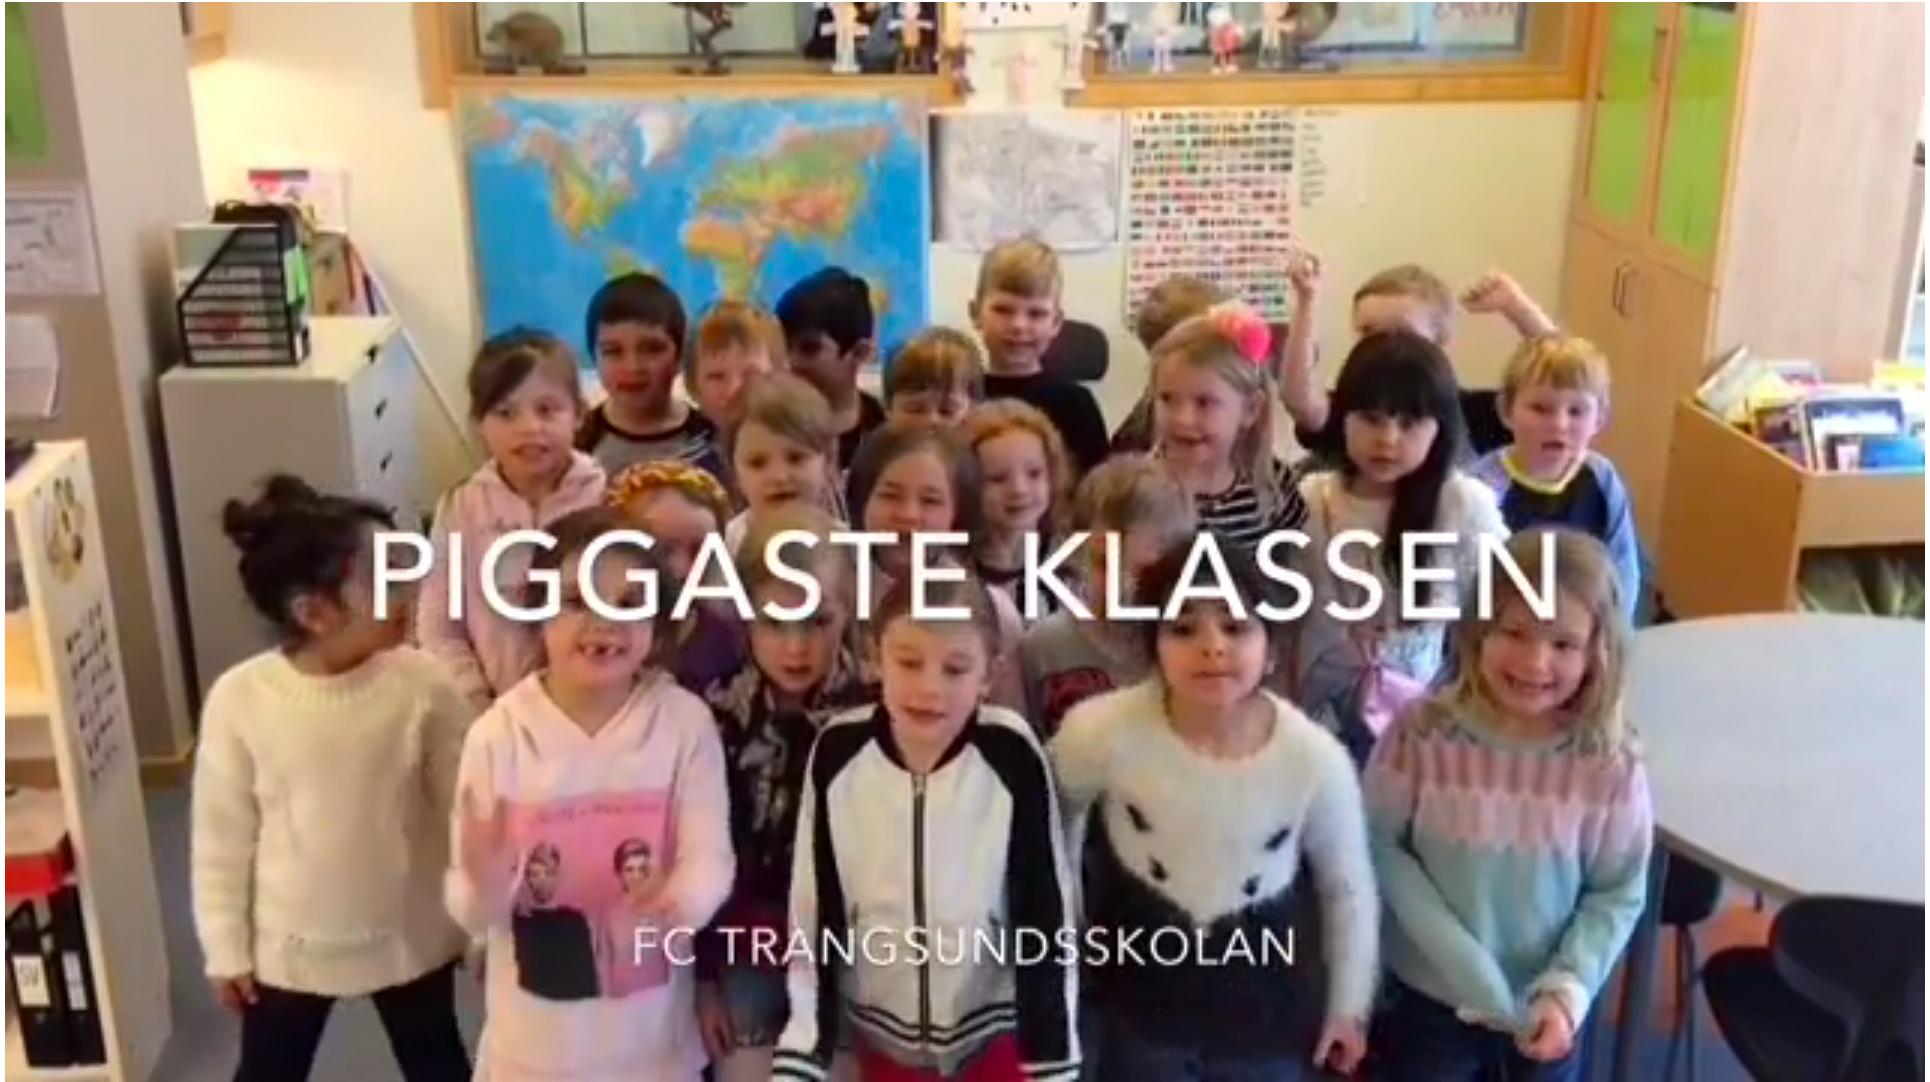 ActiveS - Sveriges Piggaste Klassrum - Trångssundsskolan FC, Huddinge